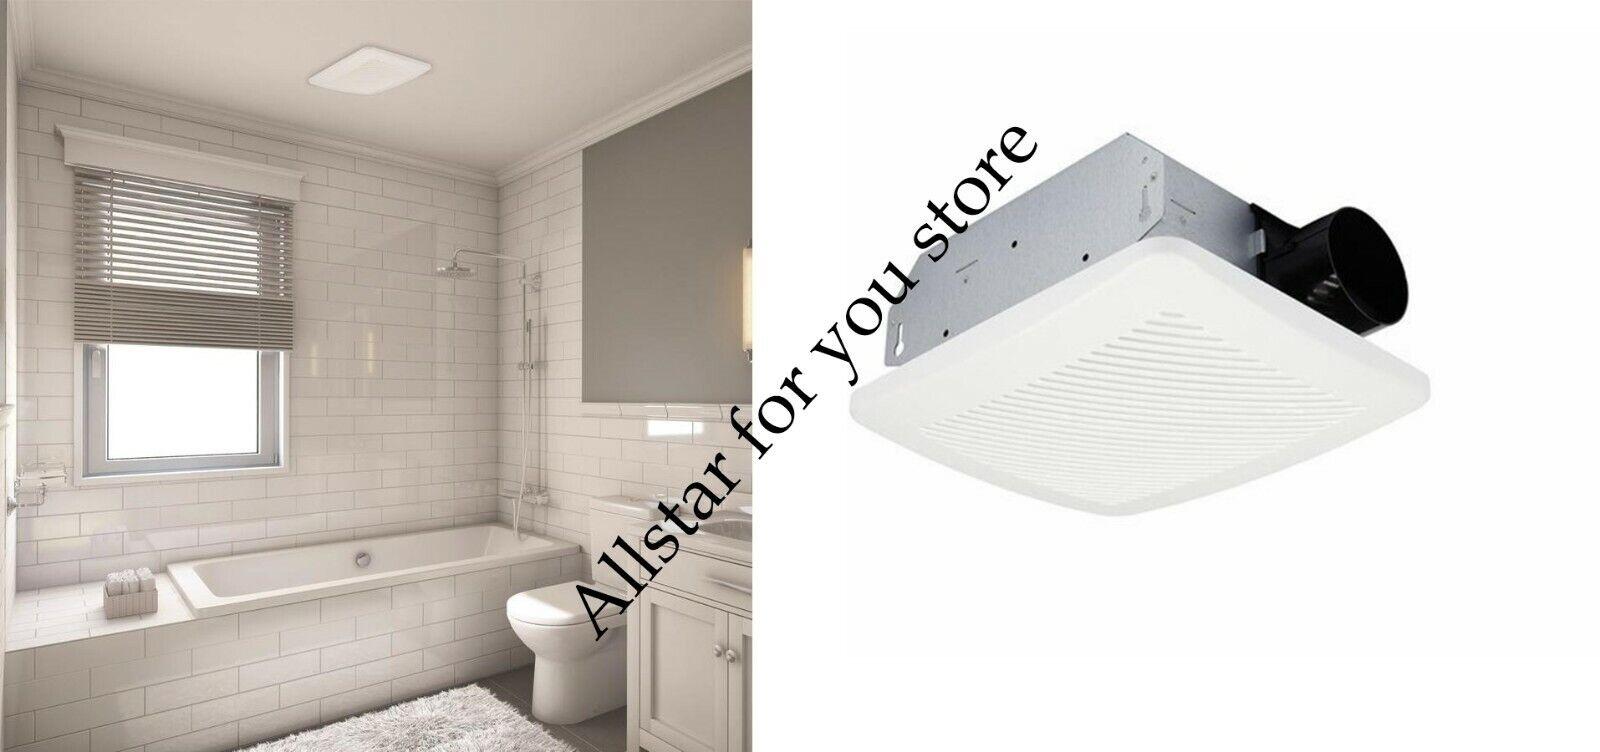 Utilitech Ventilation Fan 2-Sone 70-CFM White Bathroom Fan E